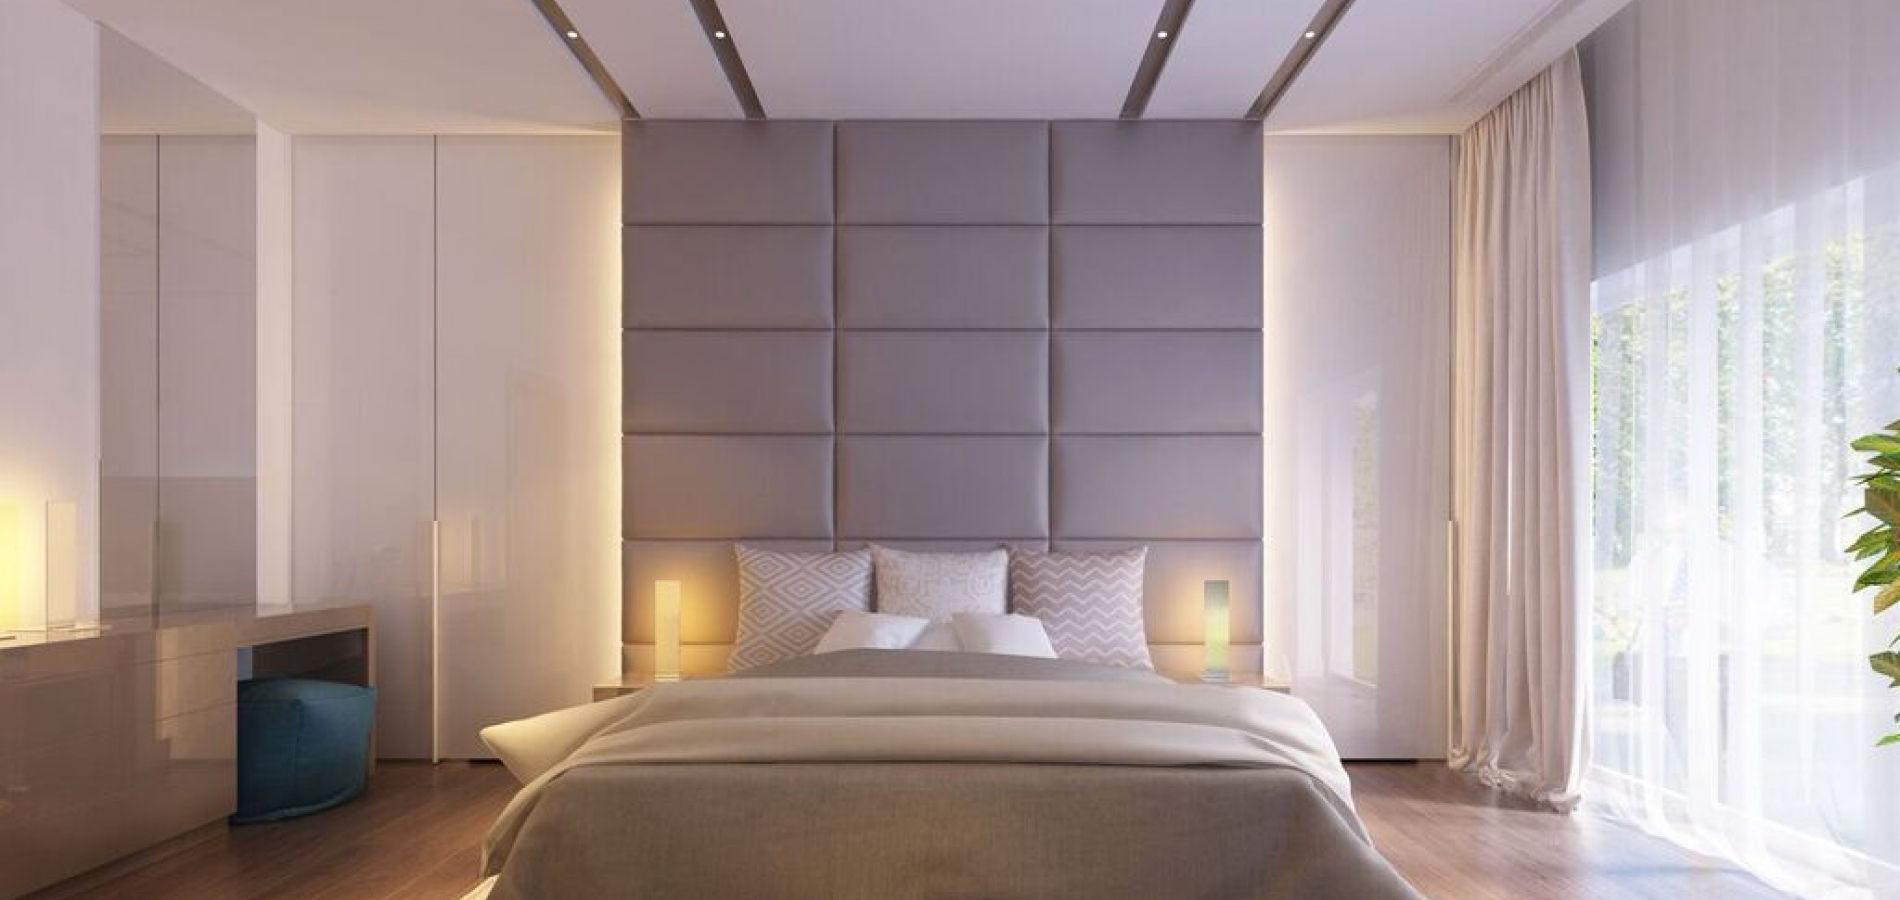 Спальня світла SMD_310